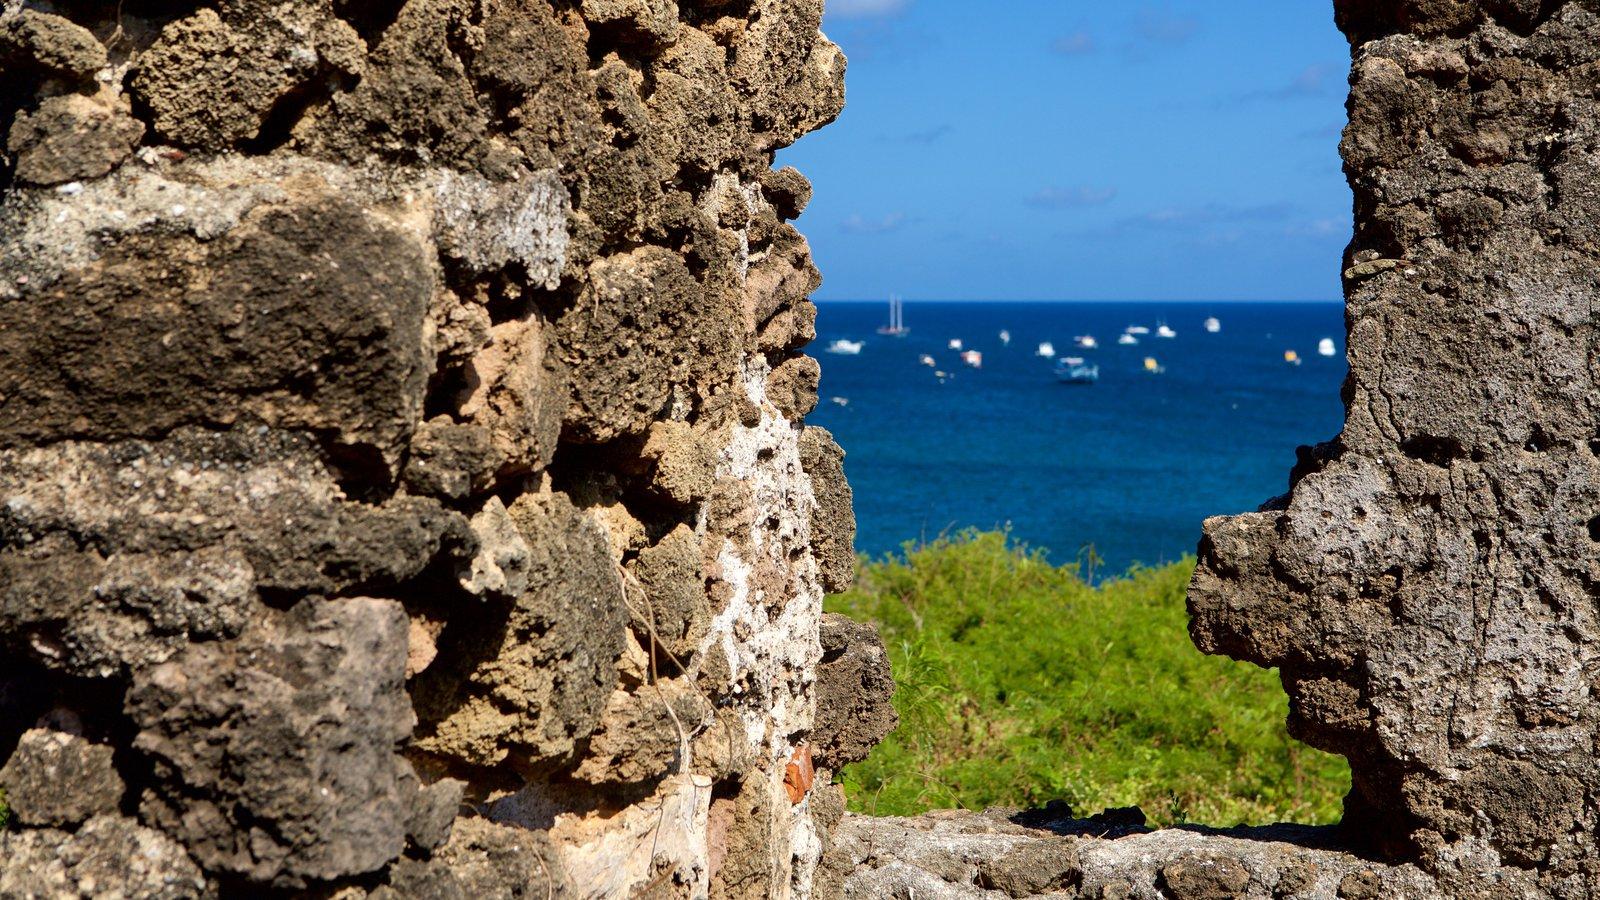 Ruínas do Forte de Santo Antônio caracterizando paisagens litorâneas, uma ruína e elementos de patrimônio